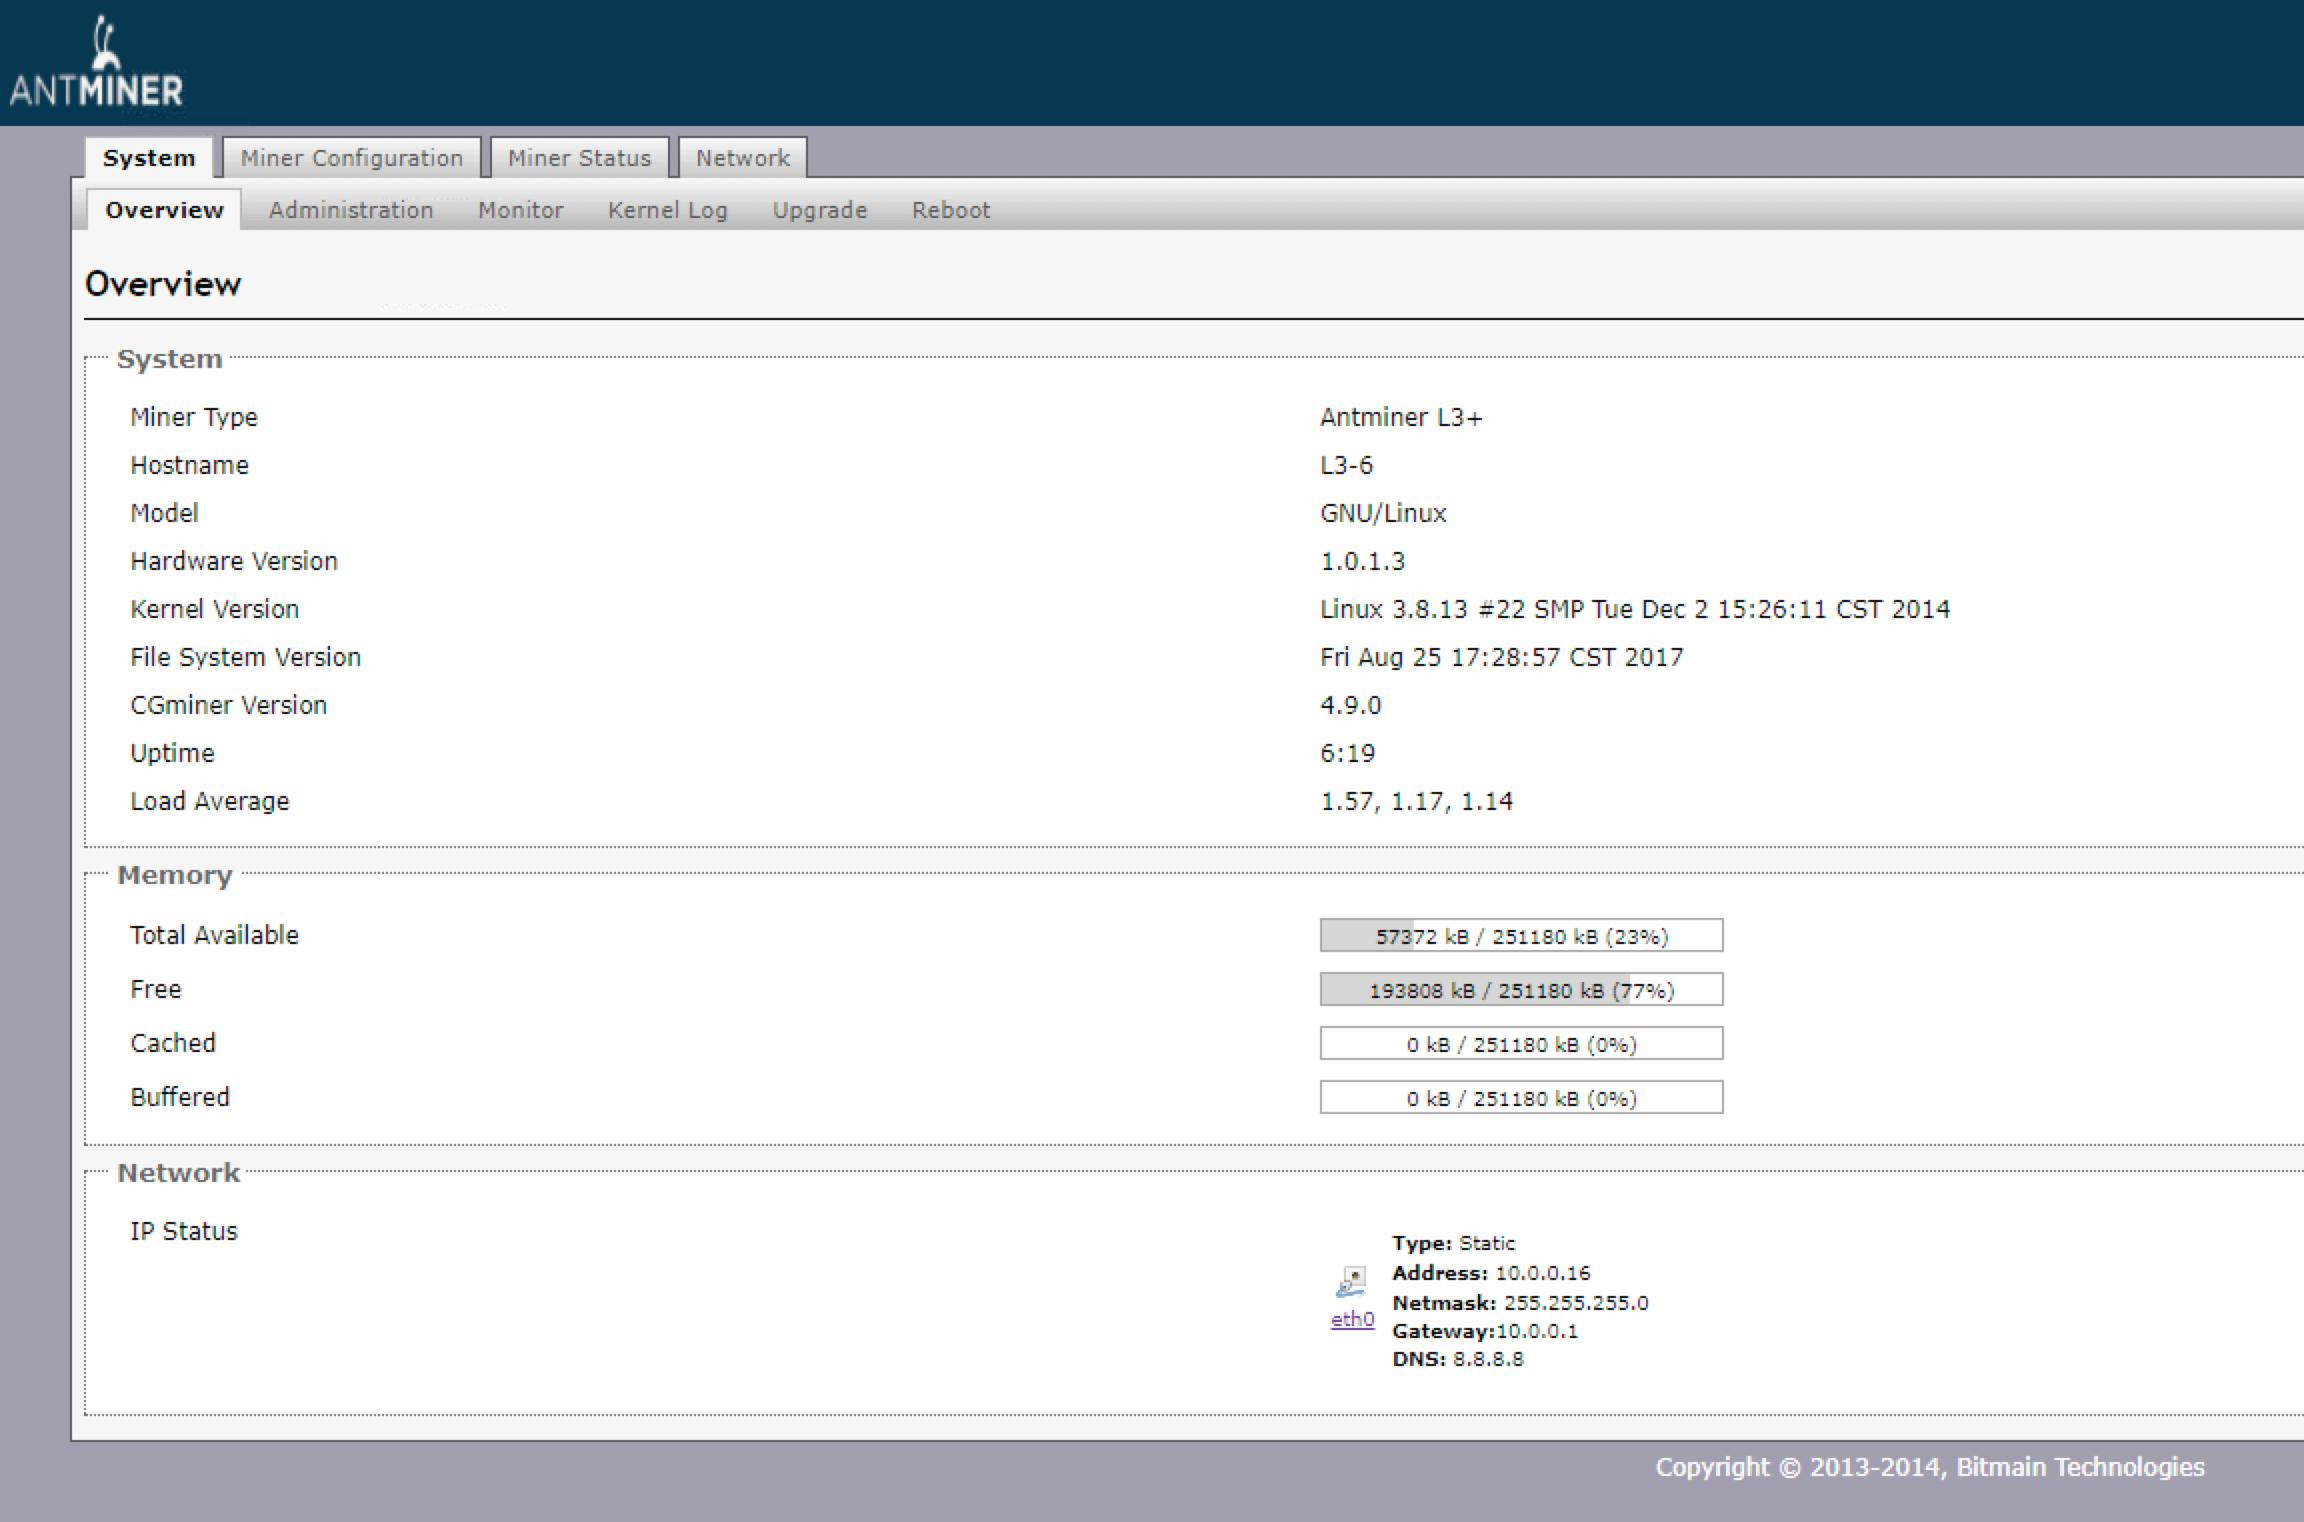 Antminer программа для майнинга 780m купить видеокарту